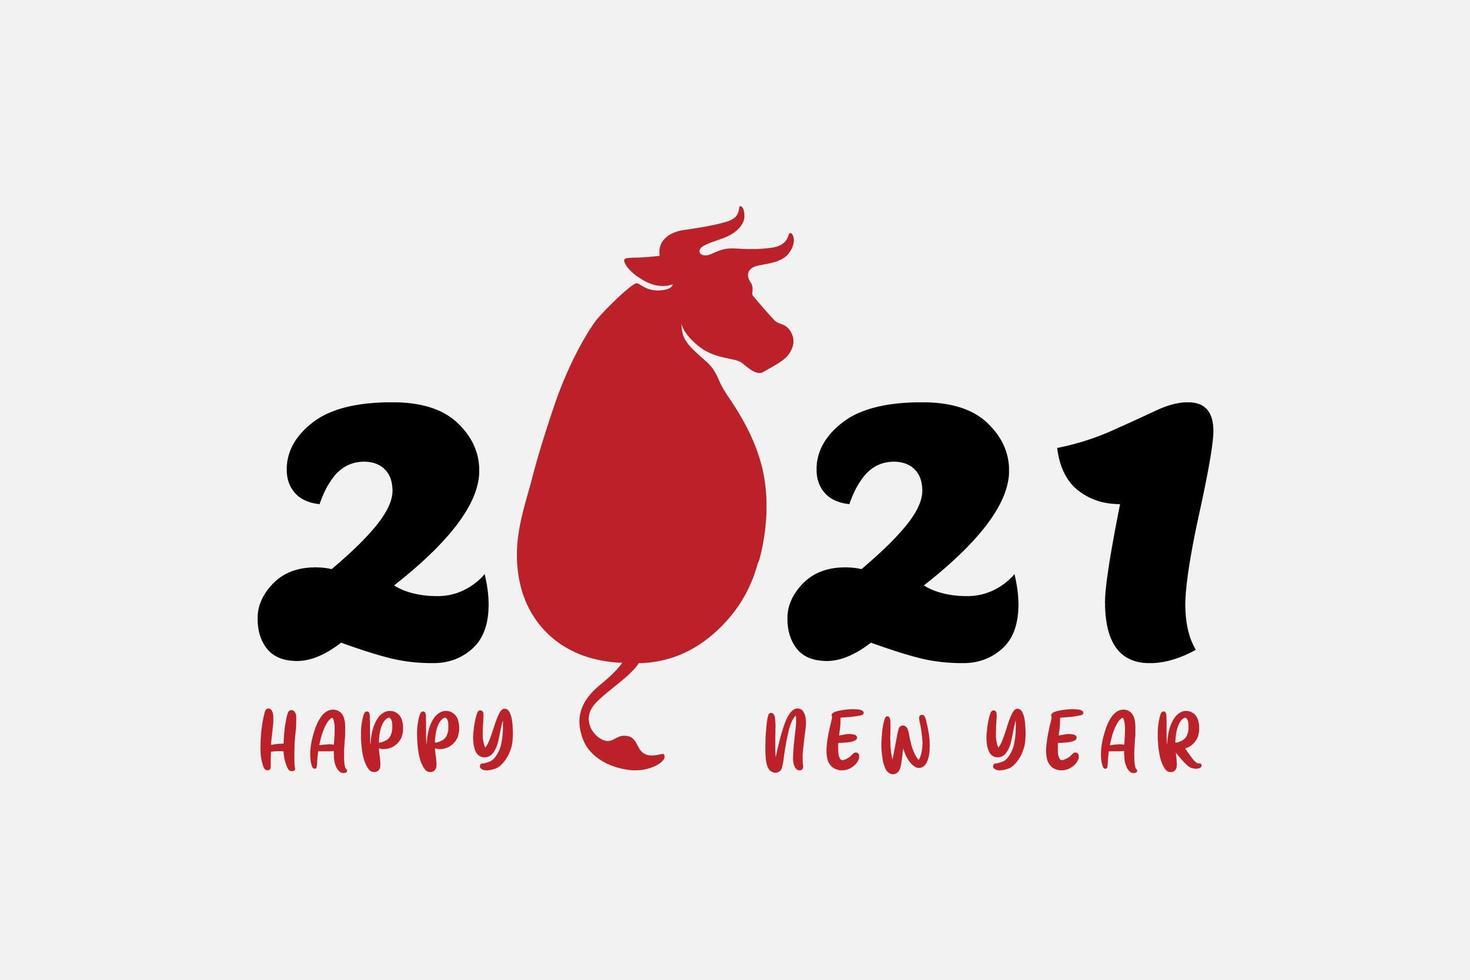 1936214-chinois-zodiaque-symbole-de-nouveau-2021-annee-peint-dans-le-style-chinois-vacances-illustrationle-isole-sur-fond-blanc-gratuit-vectoriel